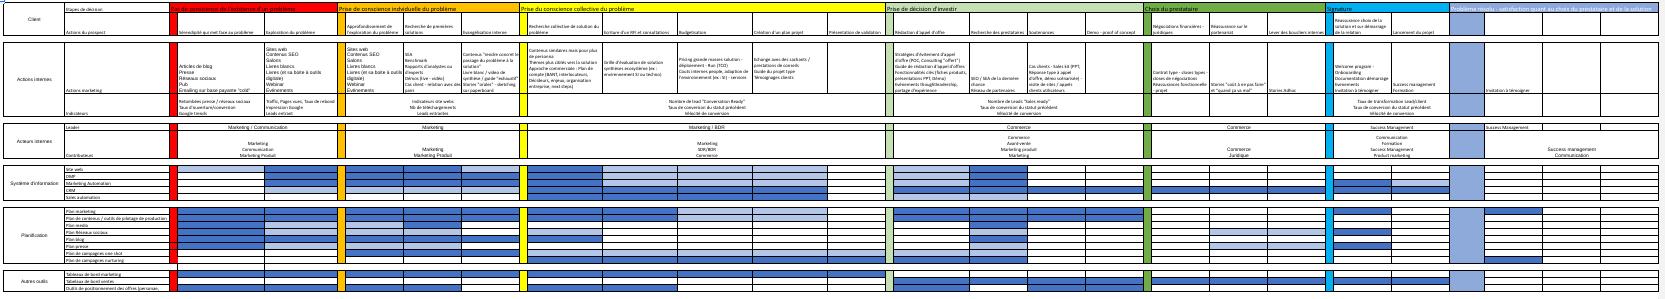 plan d'action marketing canva d'acquisition client